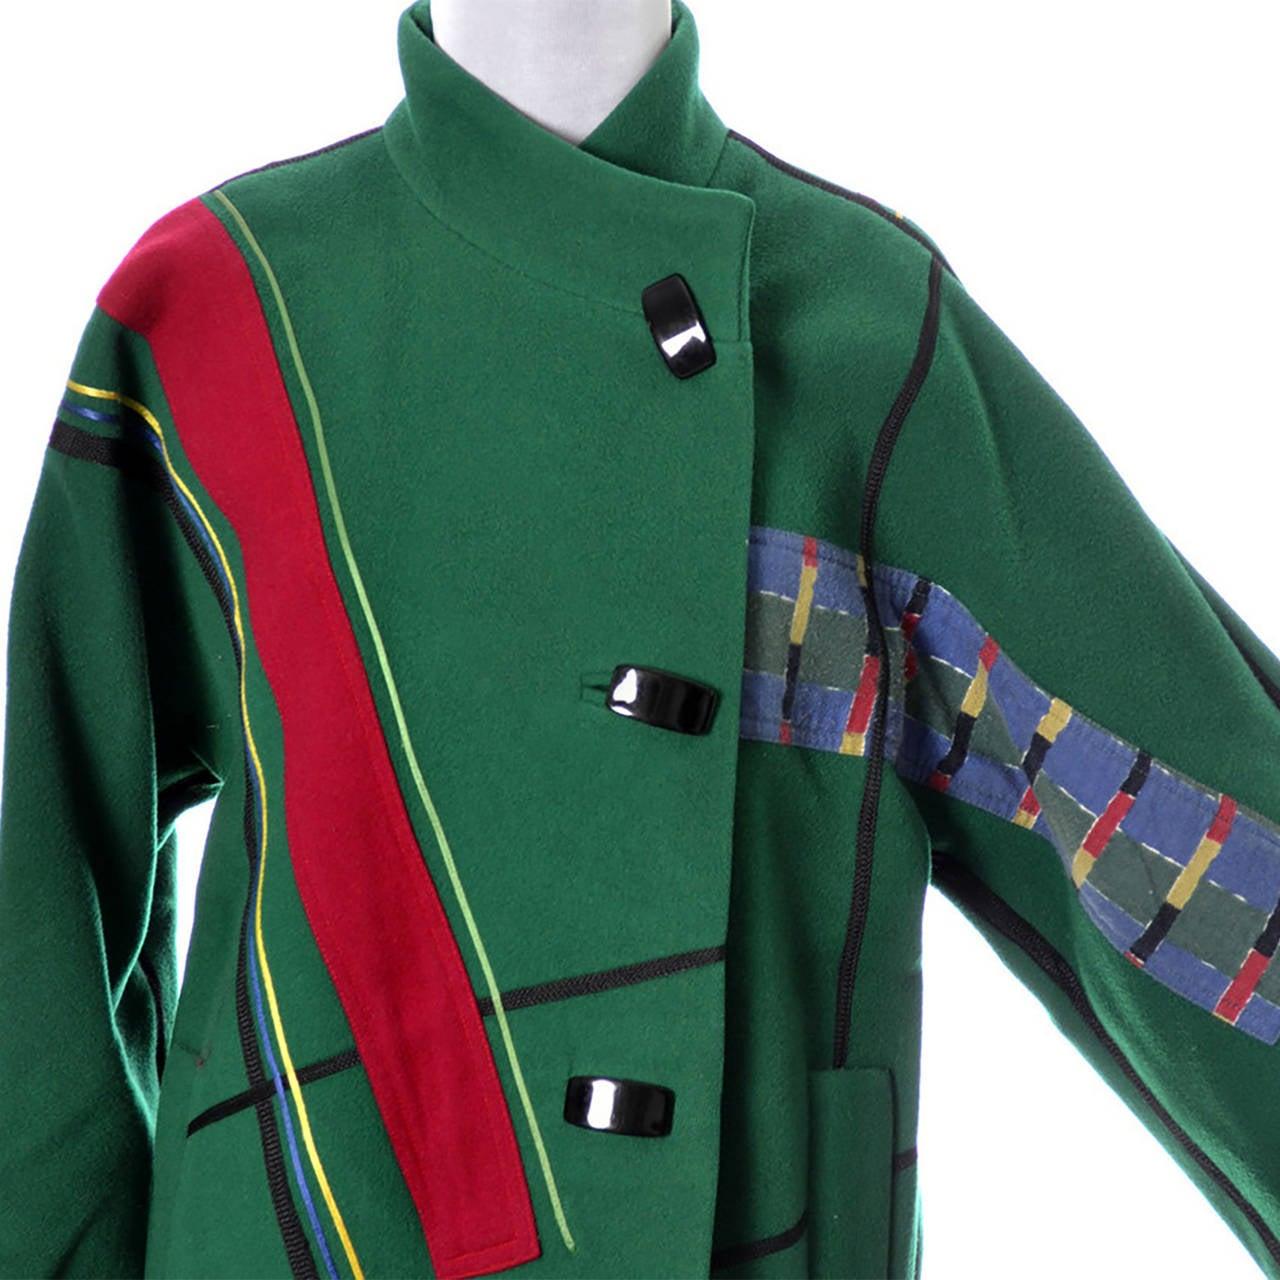 Koos Van Den Akker Vintage Coat Artisan Patchwork Collage Green Wool 4